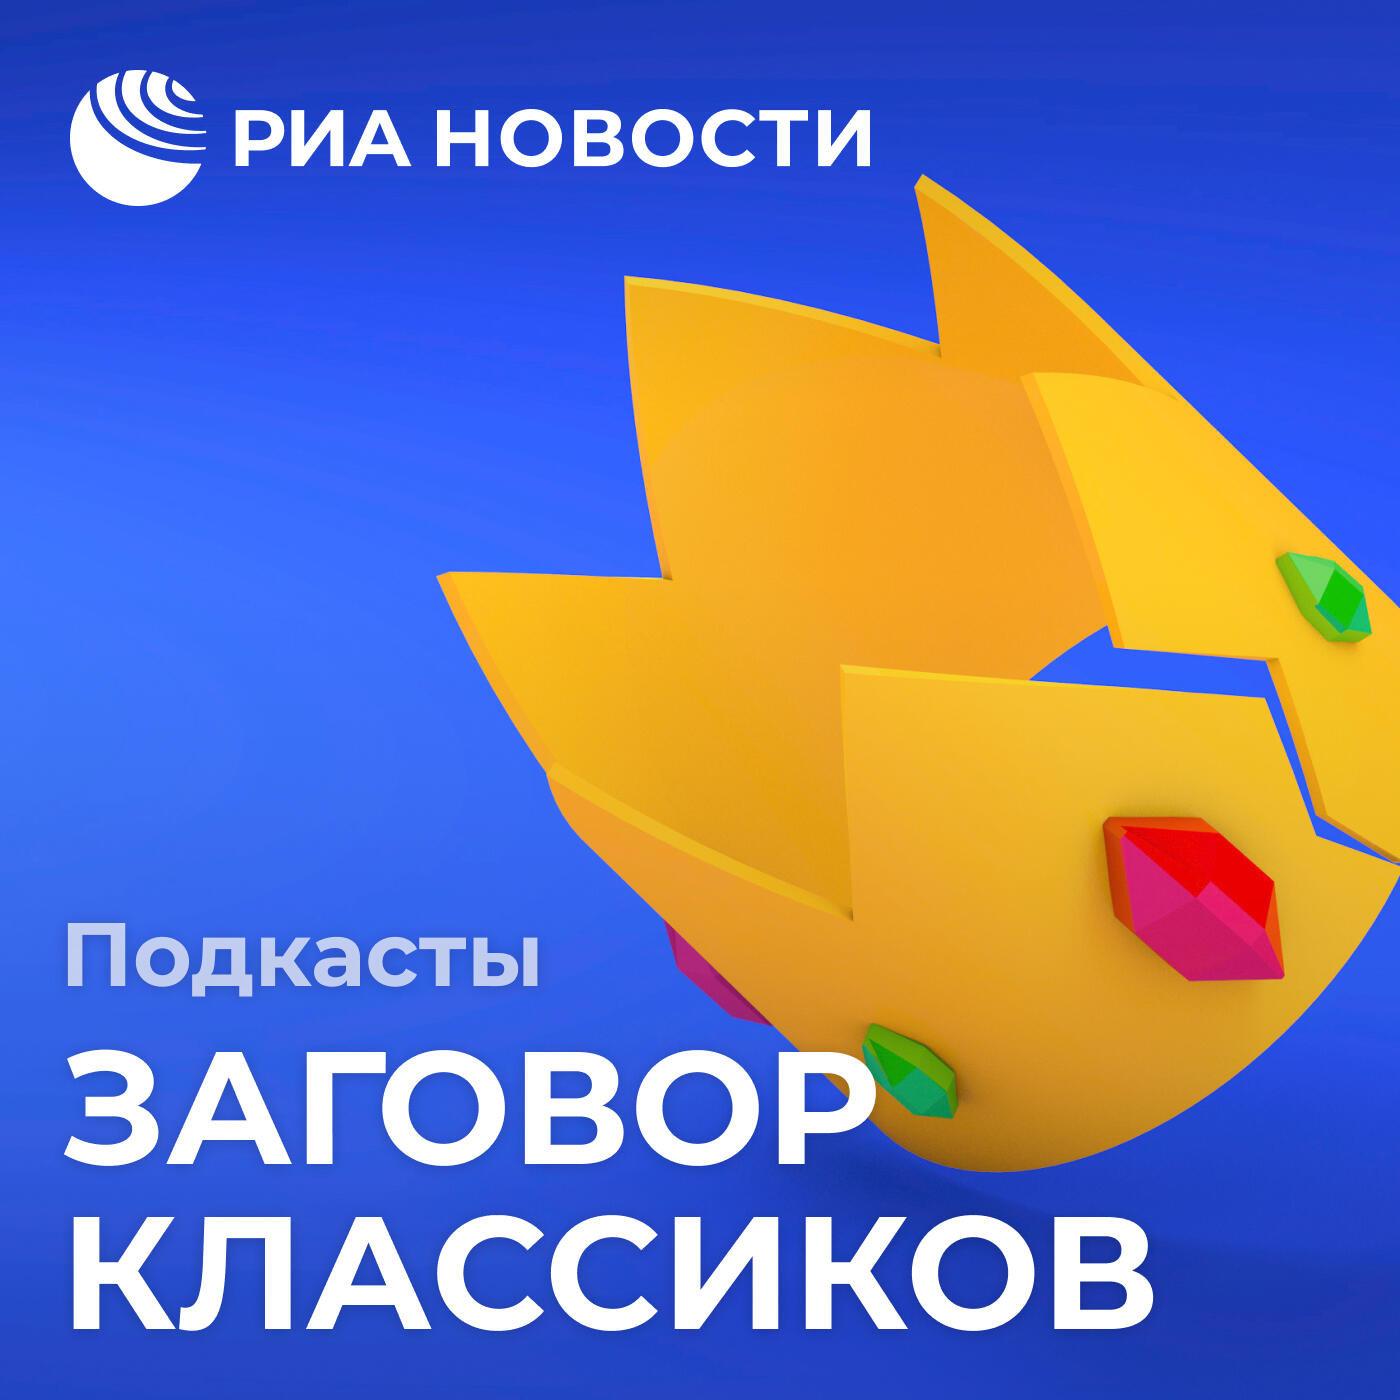 Купить книгу Новиков. Как просветить Россию?, автора Виктора Ерофеева